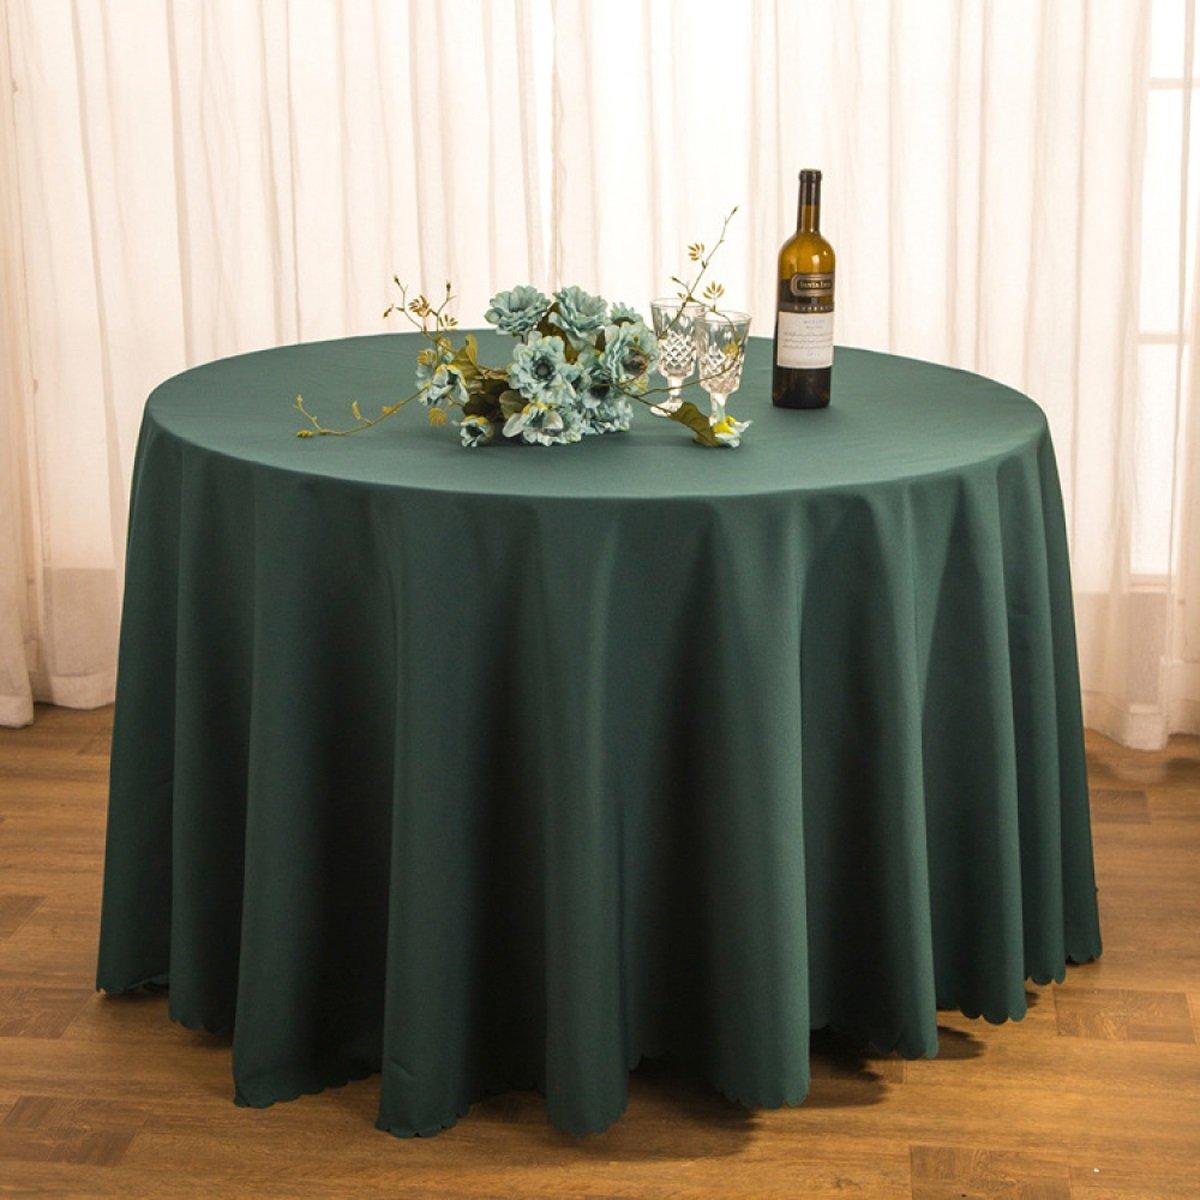 Tao Tischtuch Tischdecke Stoff Tee Tischdecke Hotel Restaurant Polyester Tischdecke Konferenztisch Rock Hochzeit Jacquard Runde Tischdecke Öl-Besteändig Leicht zu reinigen (Farbe   G, größe   320cm) B07CSSKZ82 Tischdecken Neuheit Spie